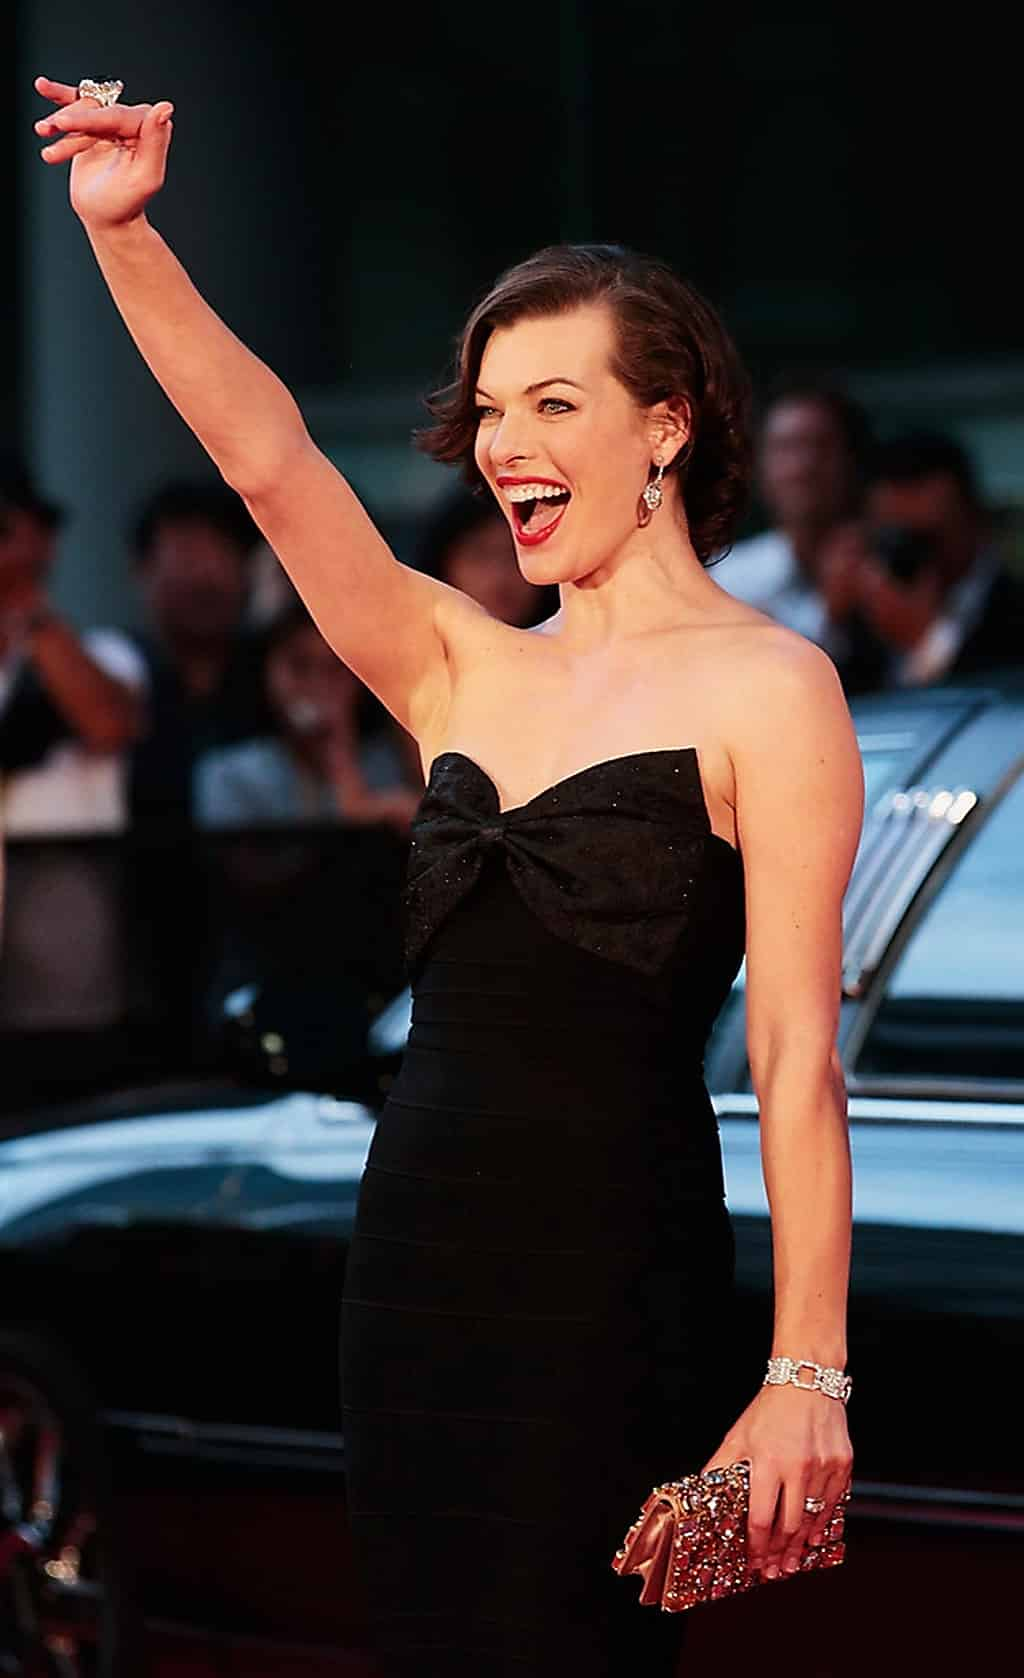 Mila Jovovich in black